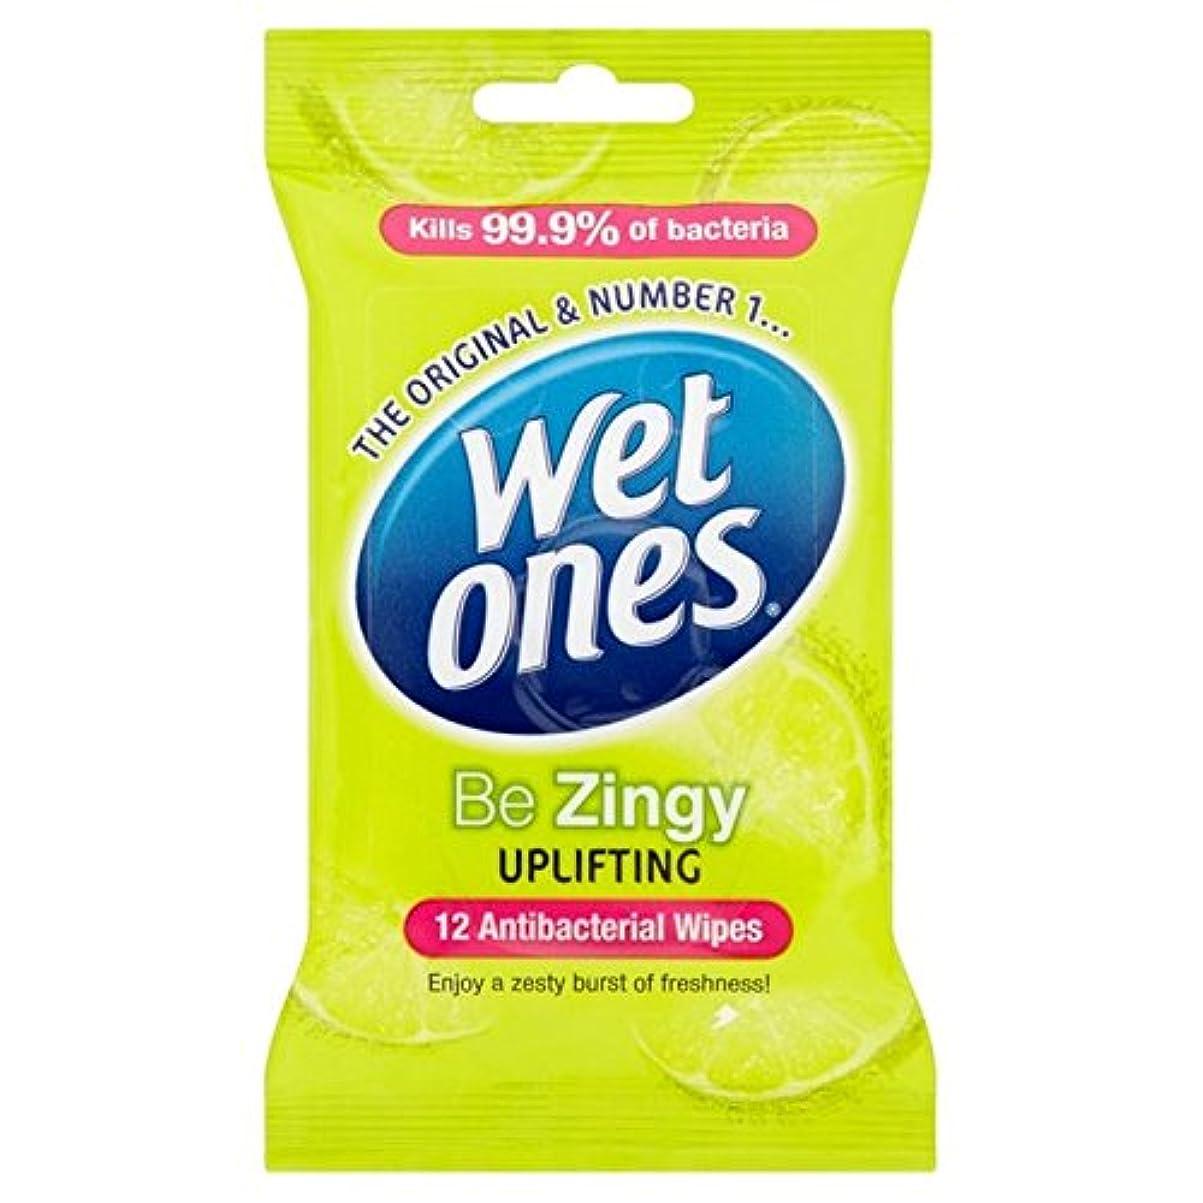 公園判定スイWet Ones Cleansing Anti Bacterial Wipes 12 per pack (Pack of 6) - 抗バクテリアをクレンジング湿ったものはパックごとに12ワイプ x6 [並行輸入品]